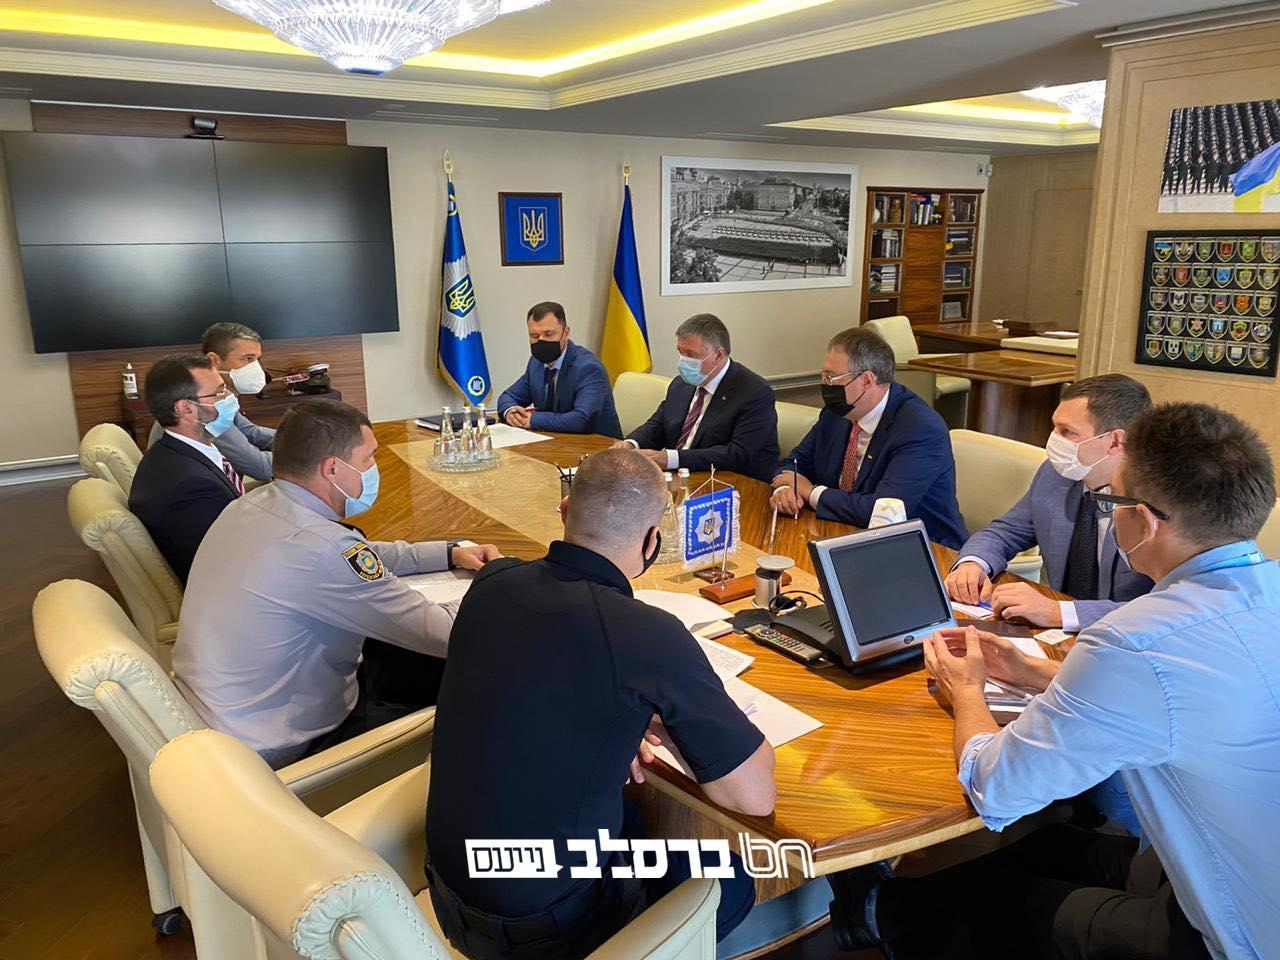 נמשכים הדיונים: שר הפנים האוקראיני מציע קיבוץ של 3000 חסידים בלבד • בקשו רחמים